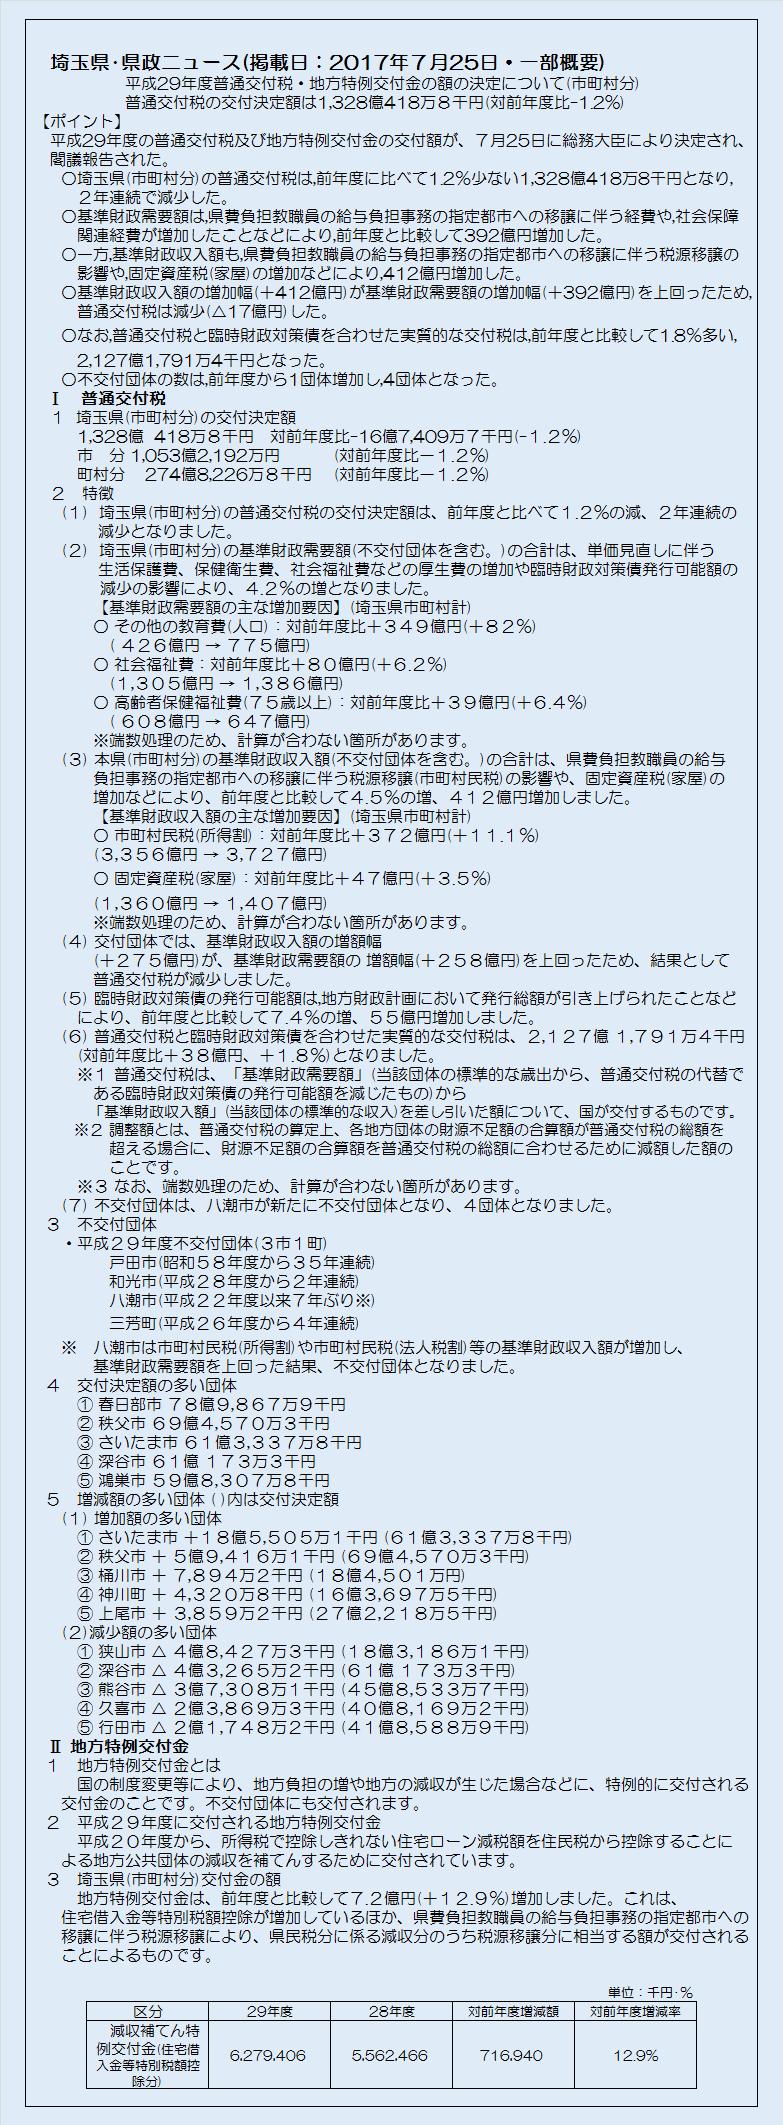 埼玉県市町村分平成29年度普通交付税・地方特例交付金の額の決定について